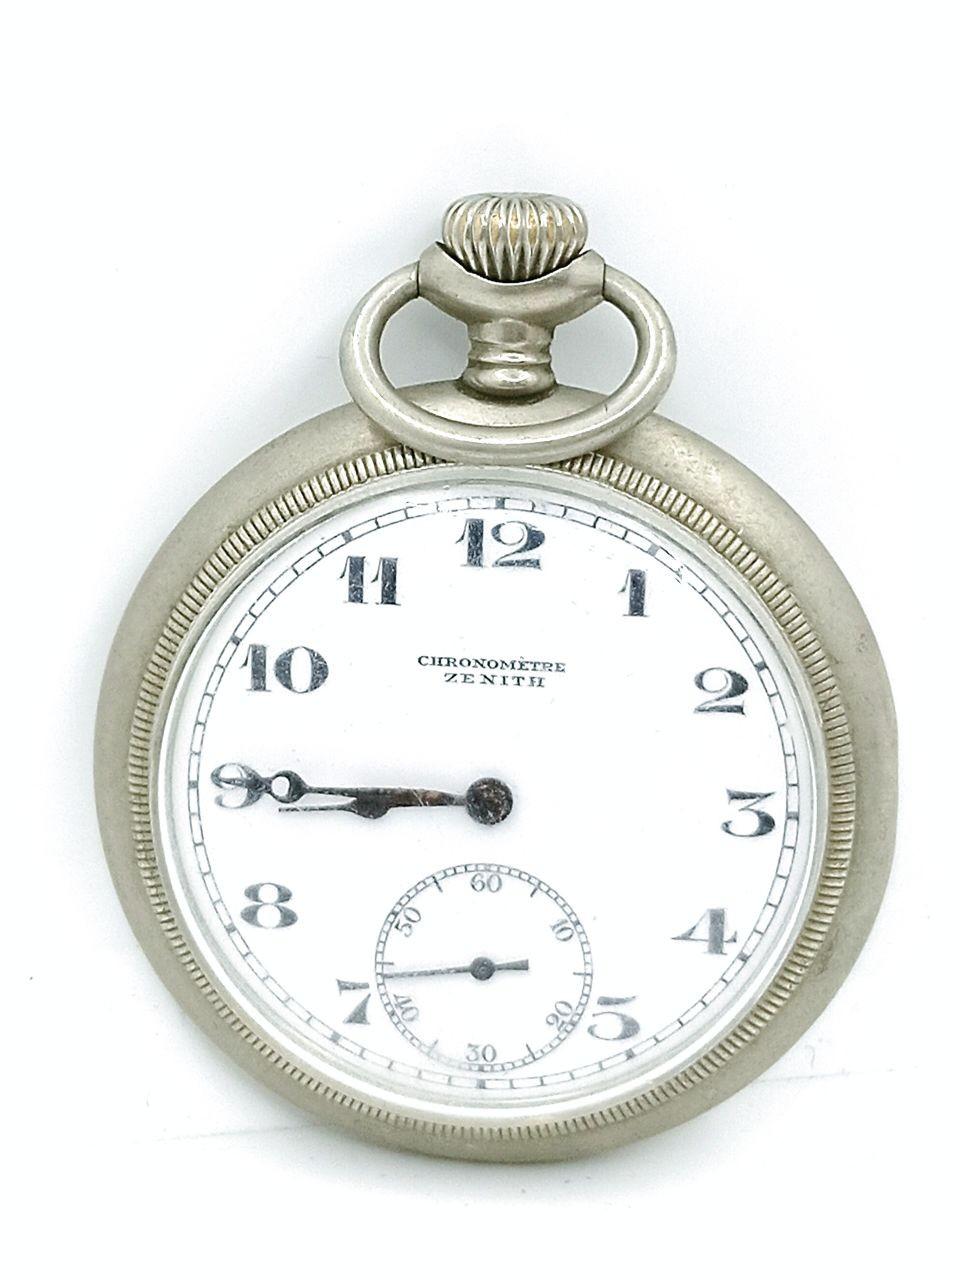 zenith chronometre pocket watch